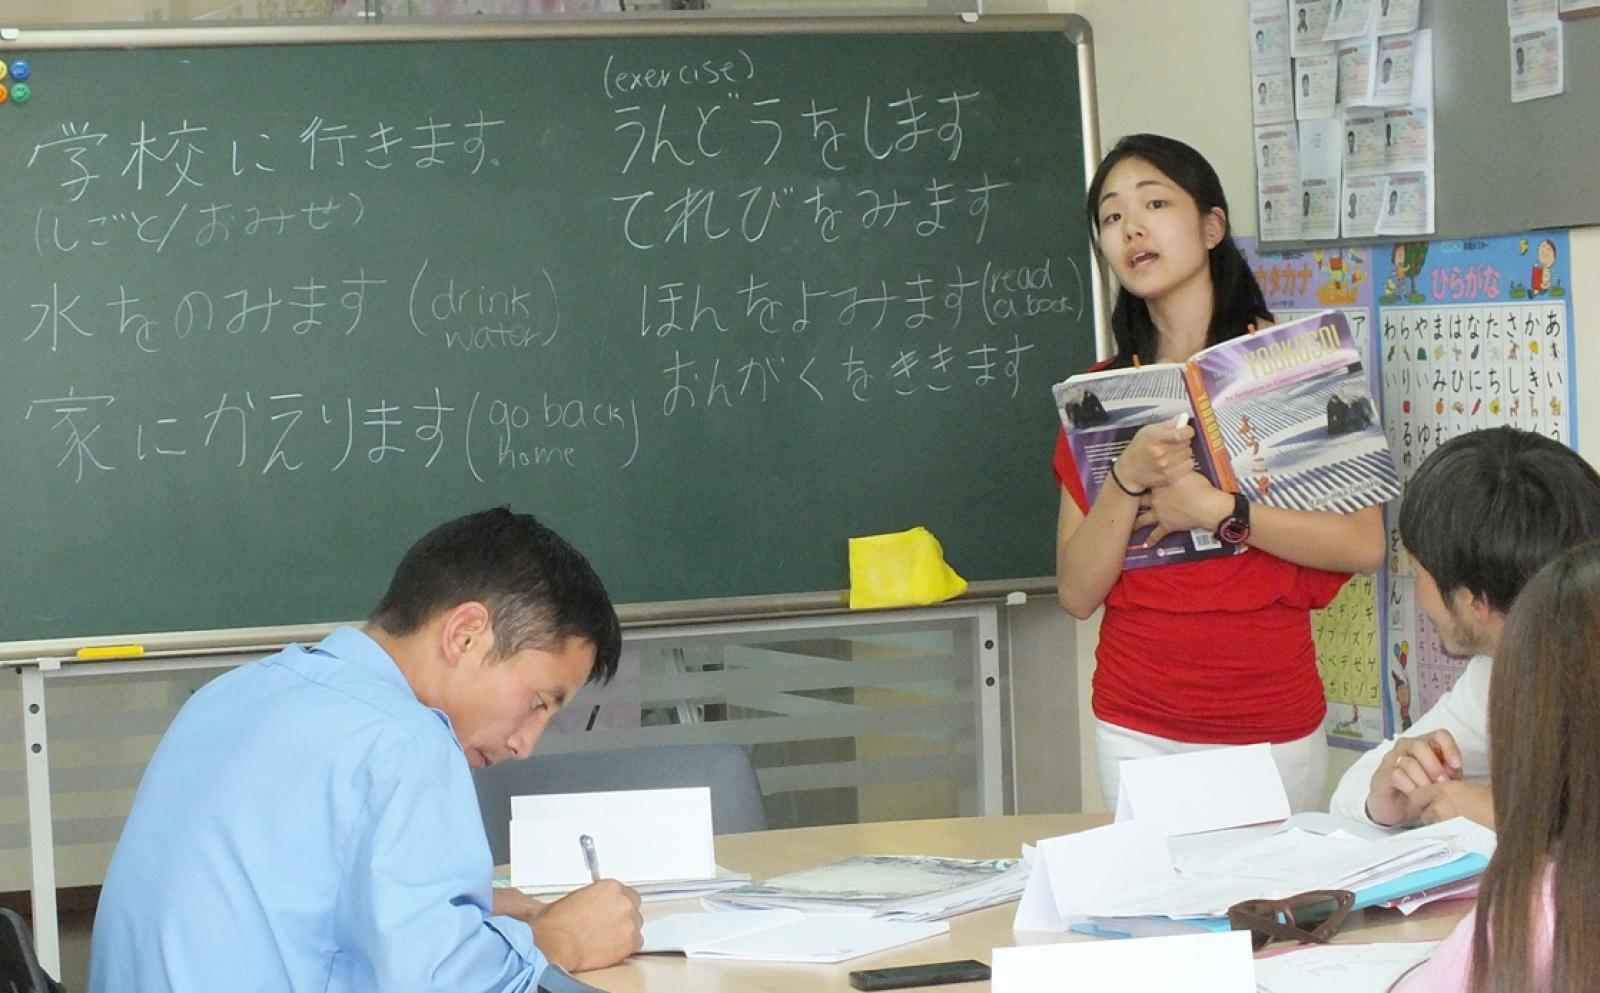 日本人ボランティアがモンゴルで日本語教育に貢献